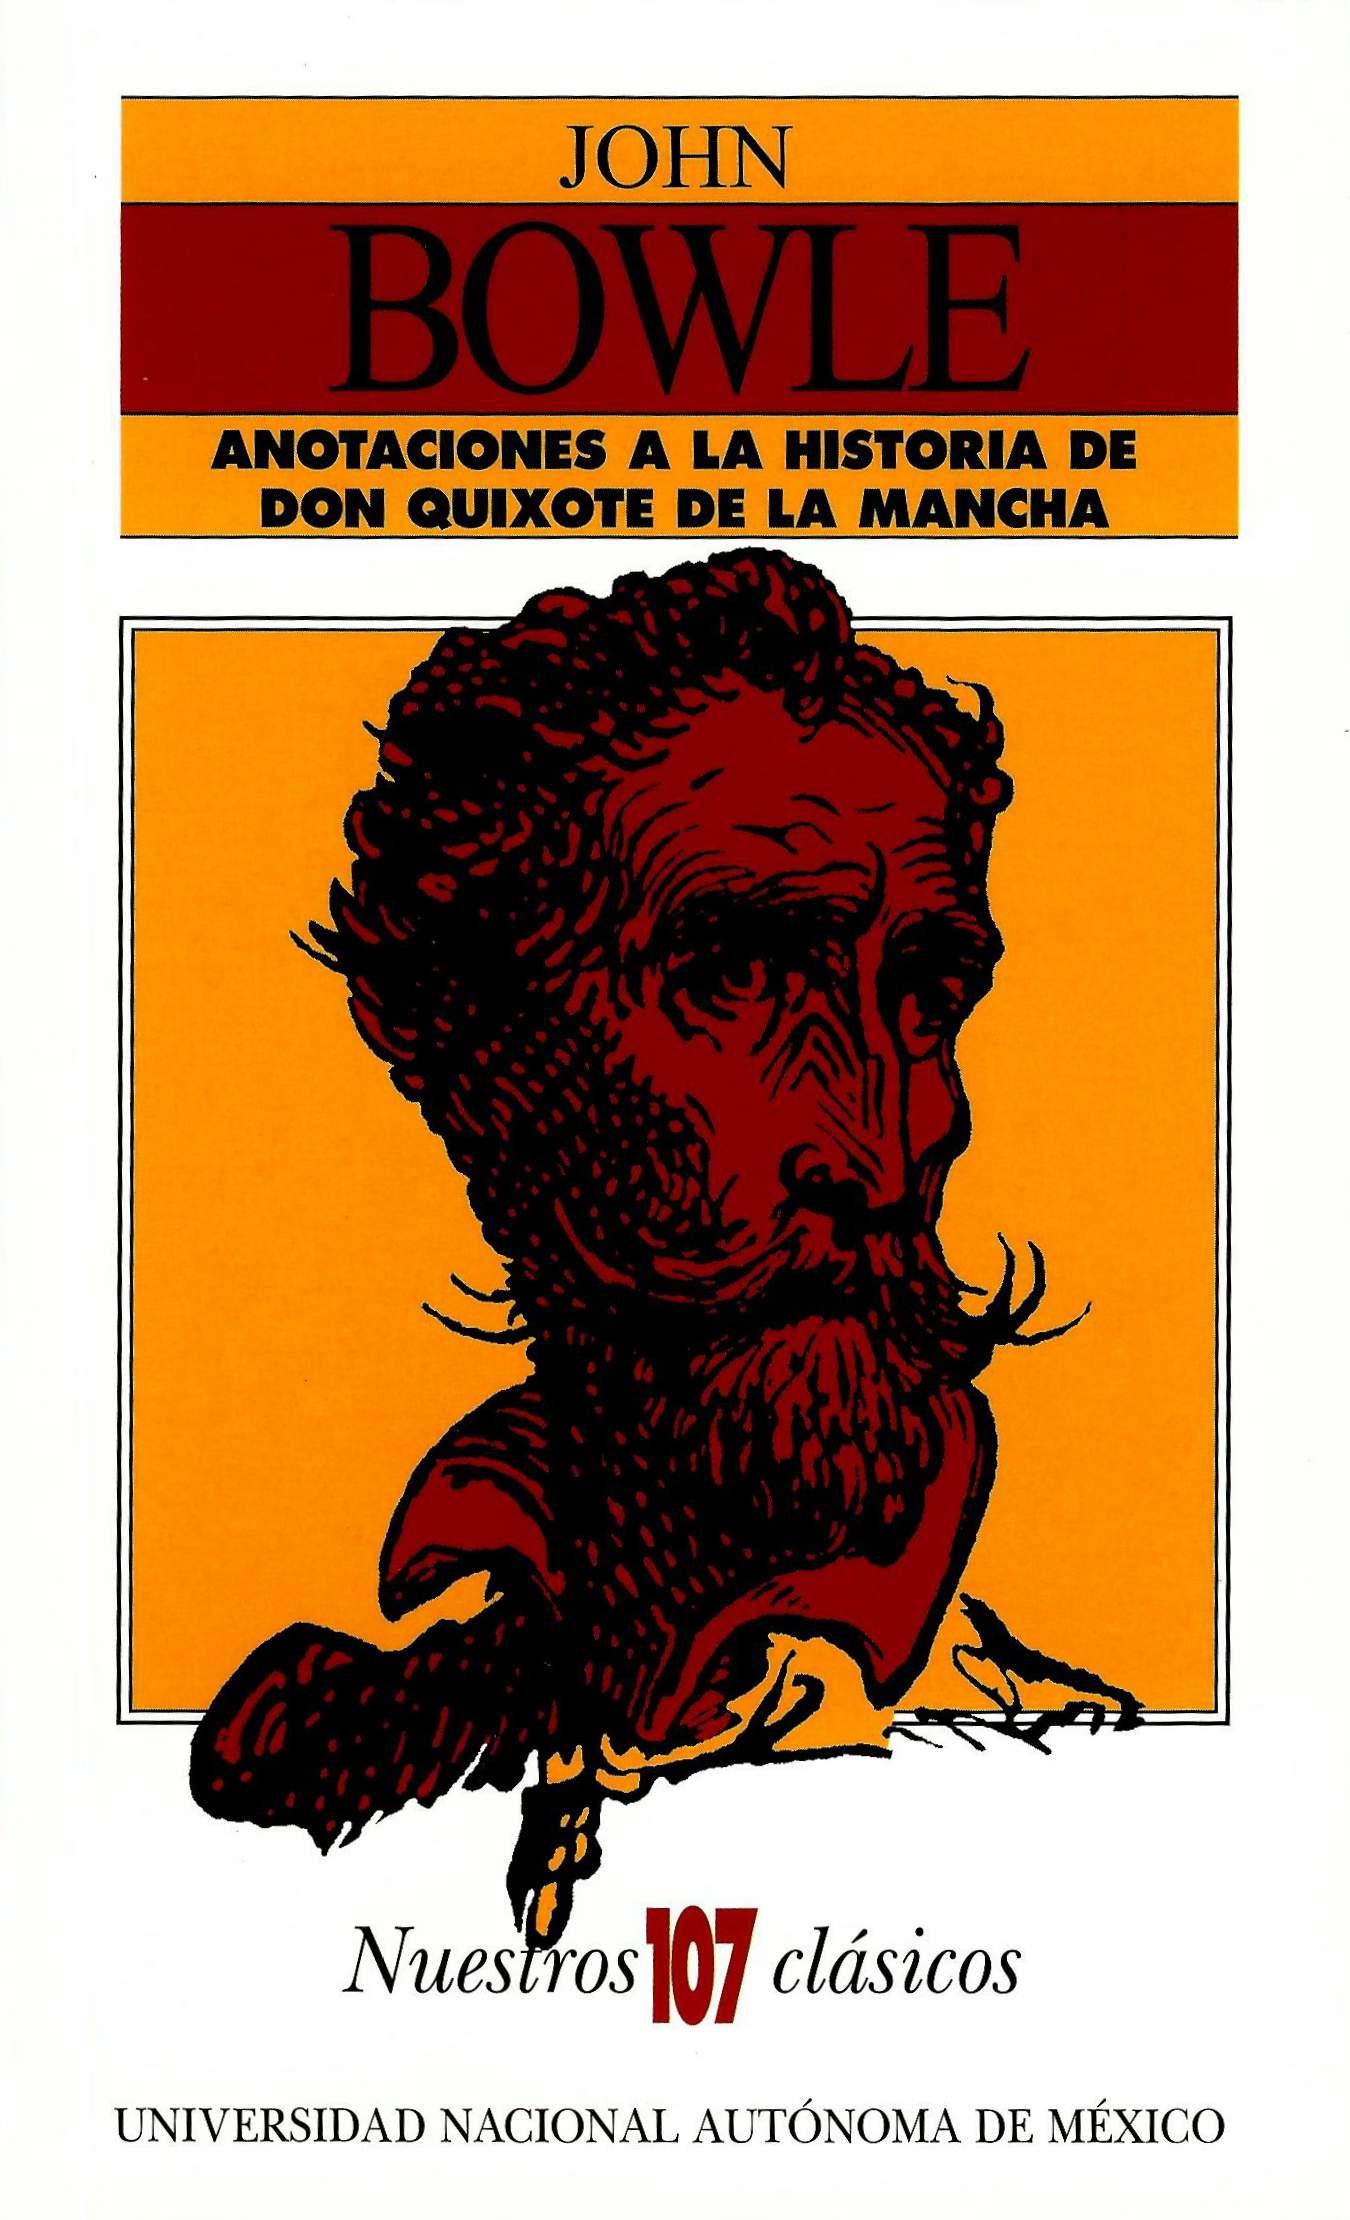 Anotaciones a la historia de don Quixote de la Mancha